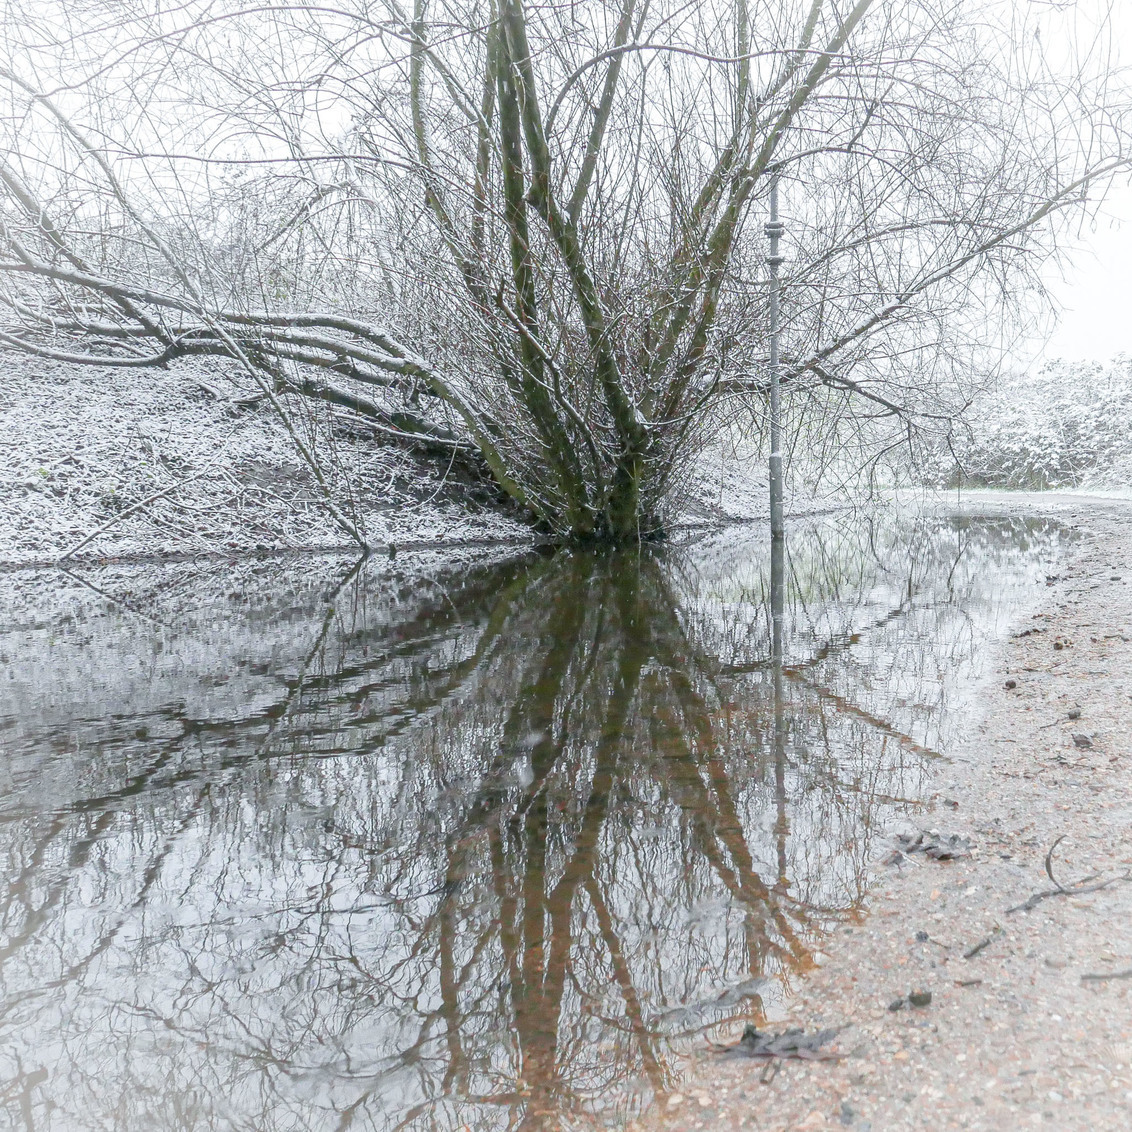 Spiegeling - Een grote plas heeft zo z'n voordelen.  Bedankt voor de fijne reacties bij 'eindelijk' en 'alle ballen verzamelen'. - foto door convust op 20-01-2021 - deze foto bevat: boom, natuur, park, sneeuw, winter, spiegeling, plas